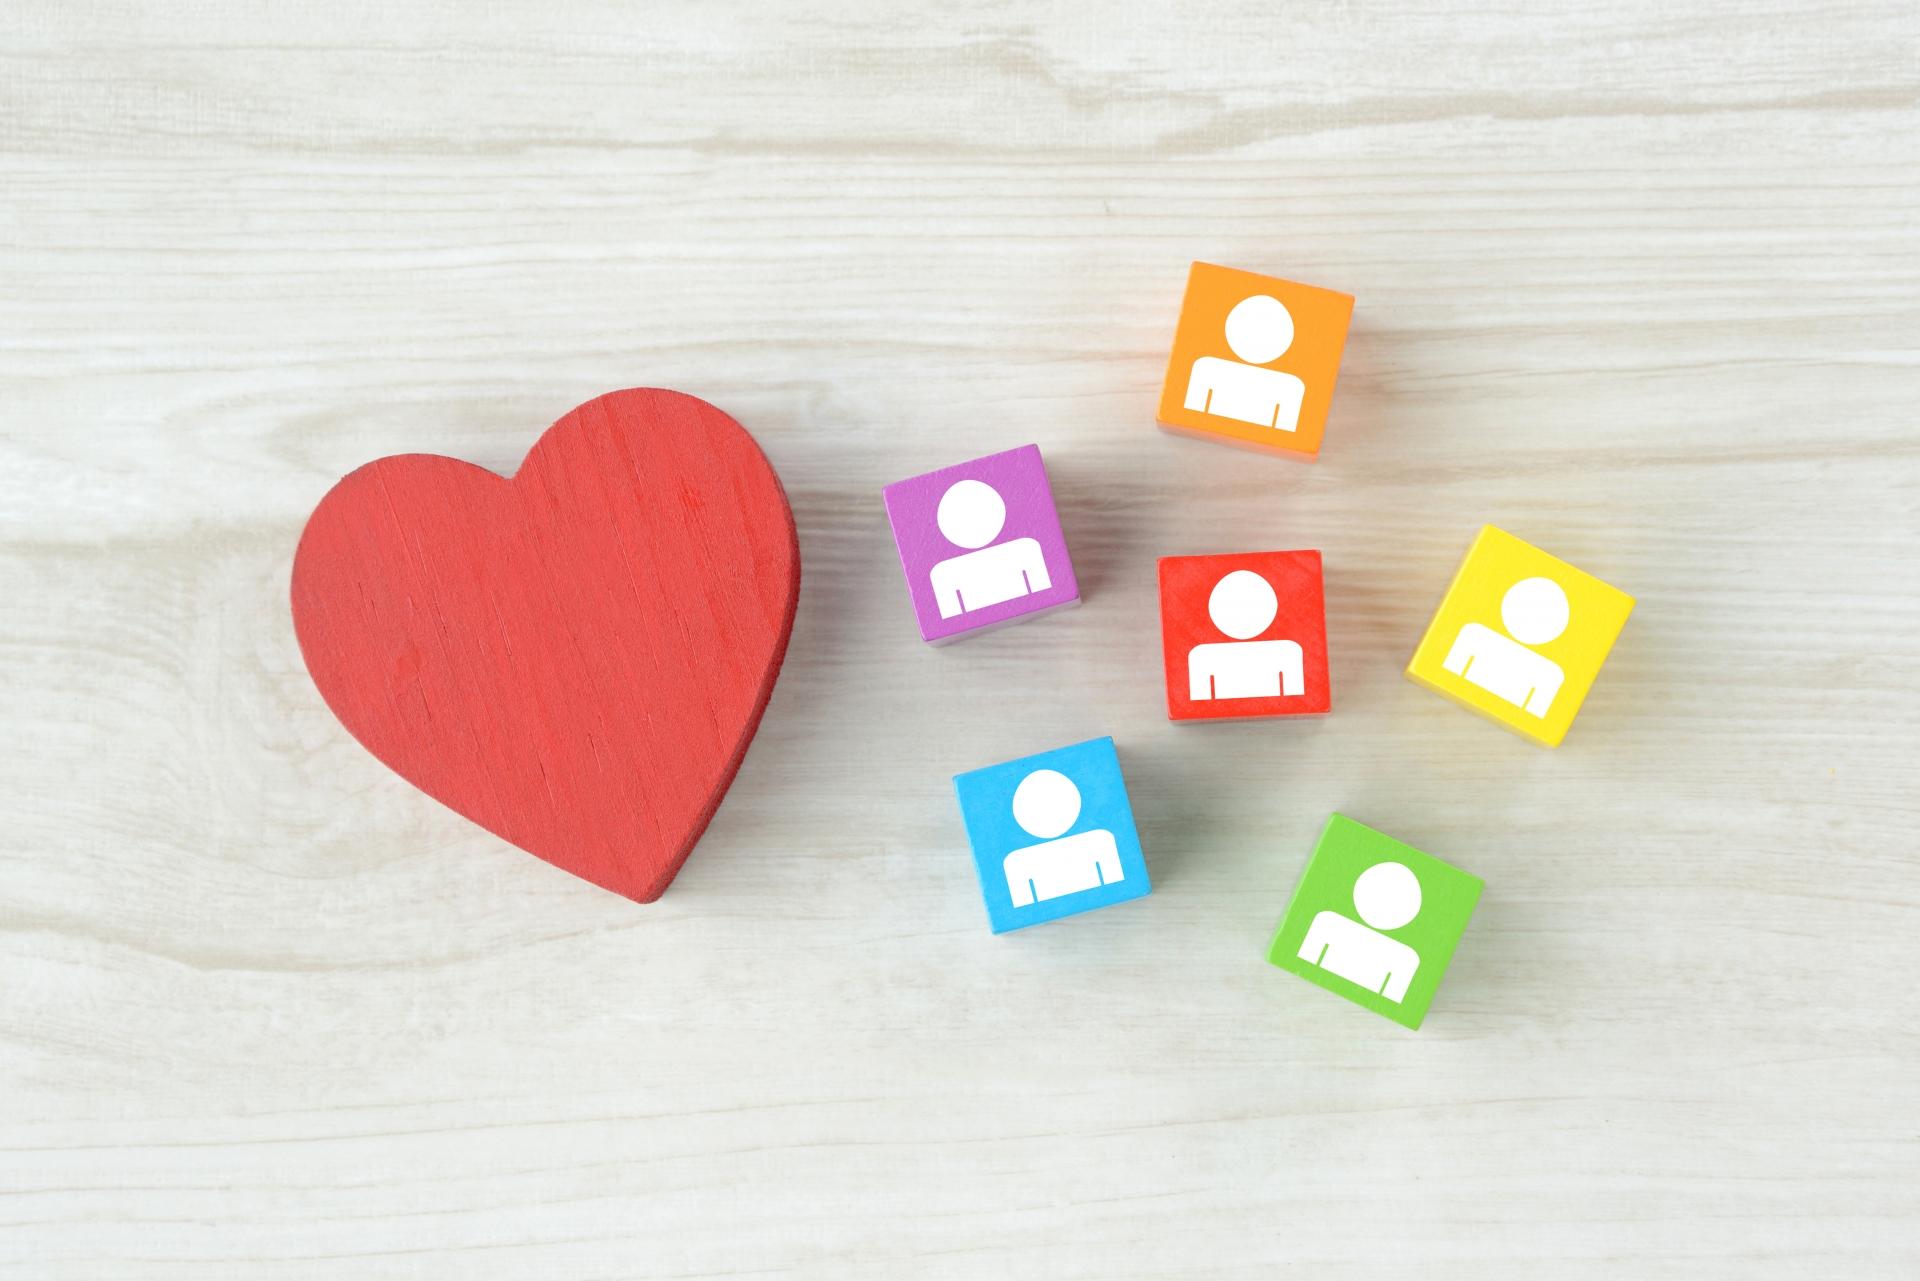 心と社会的グループ